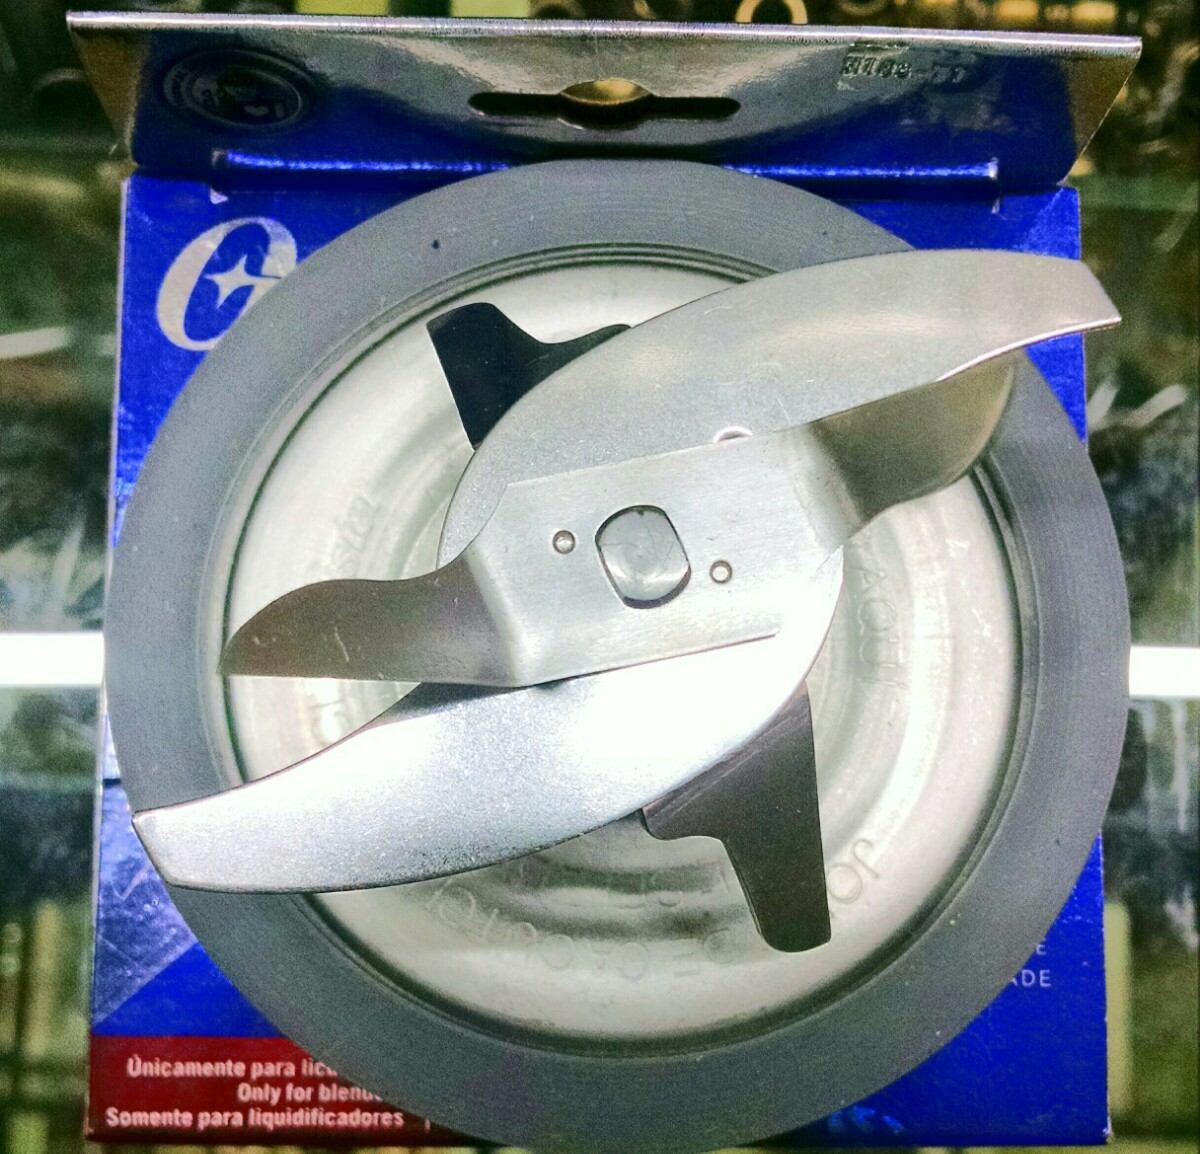 Cuchillas Aspas Oster Xpert Original   54900 en Mercado